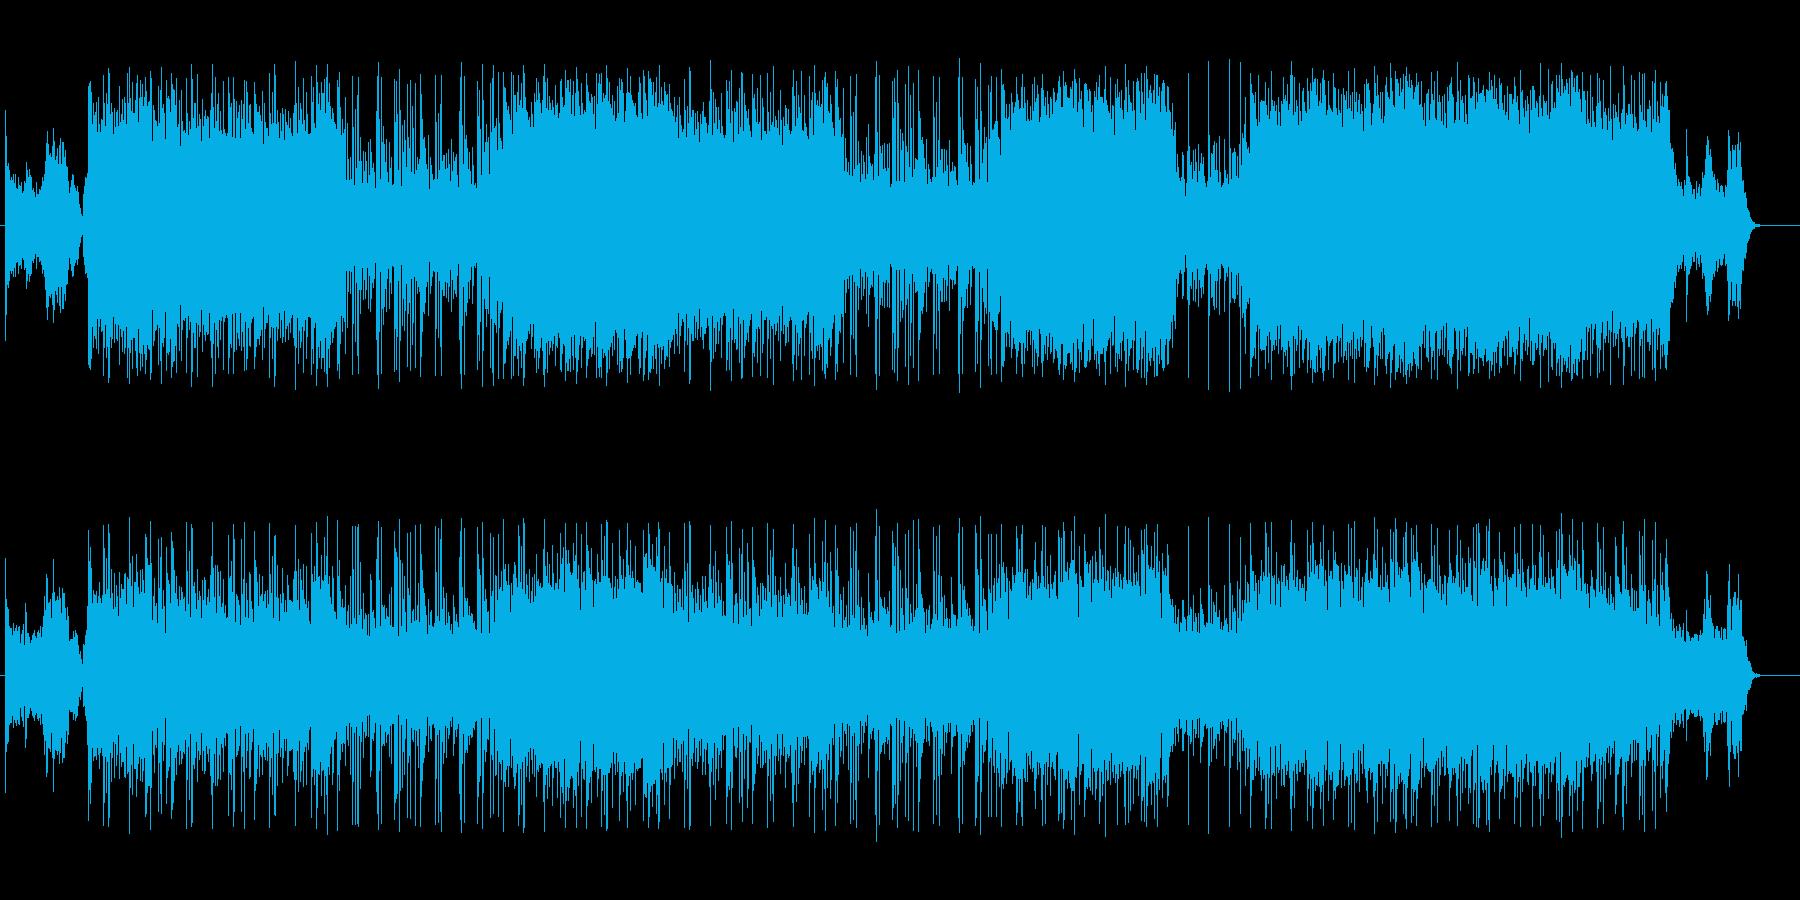 ヒップホップ/ファンタジア/重低音/#3の再生済みの波形